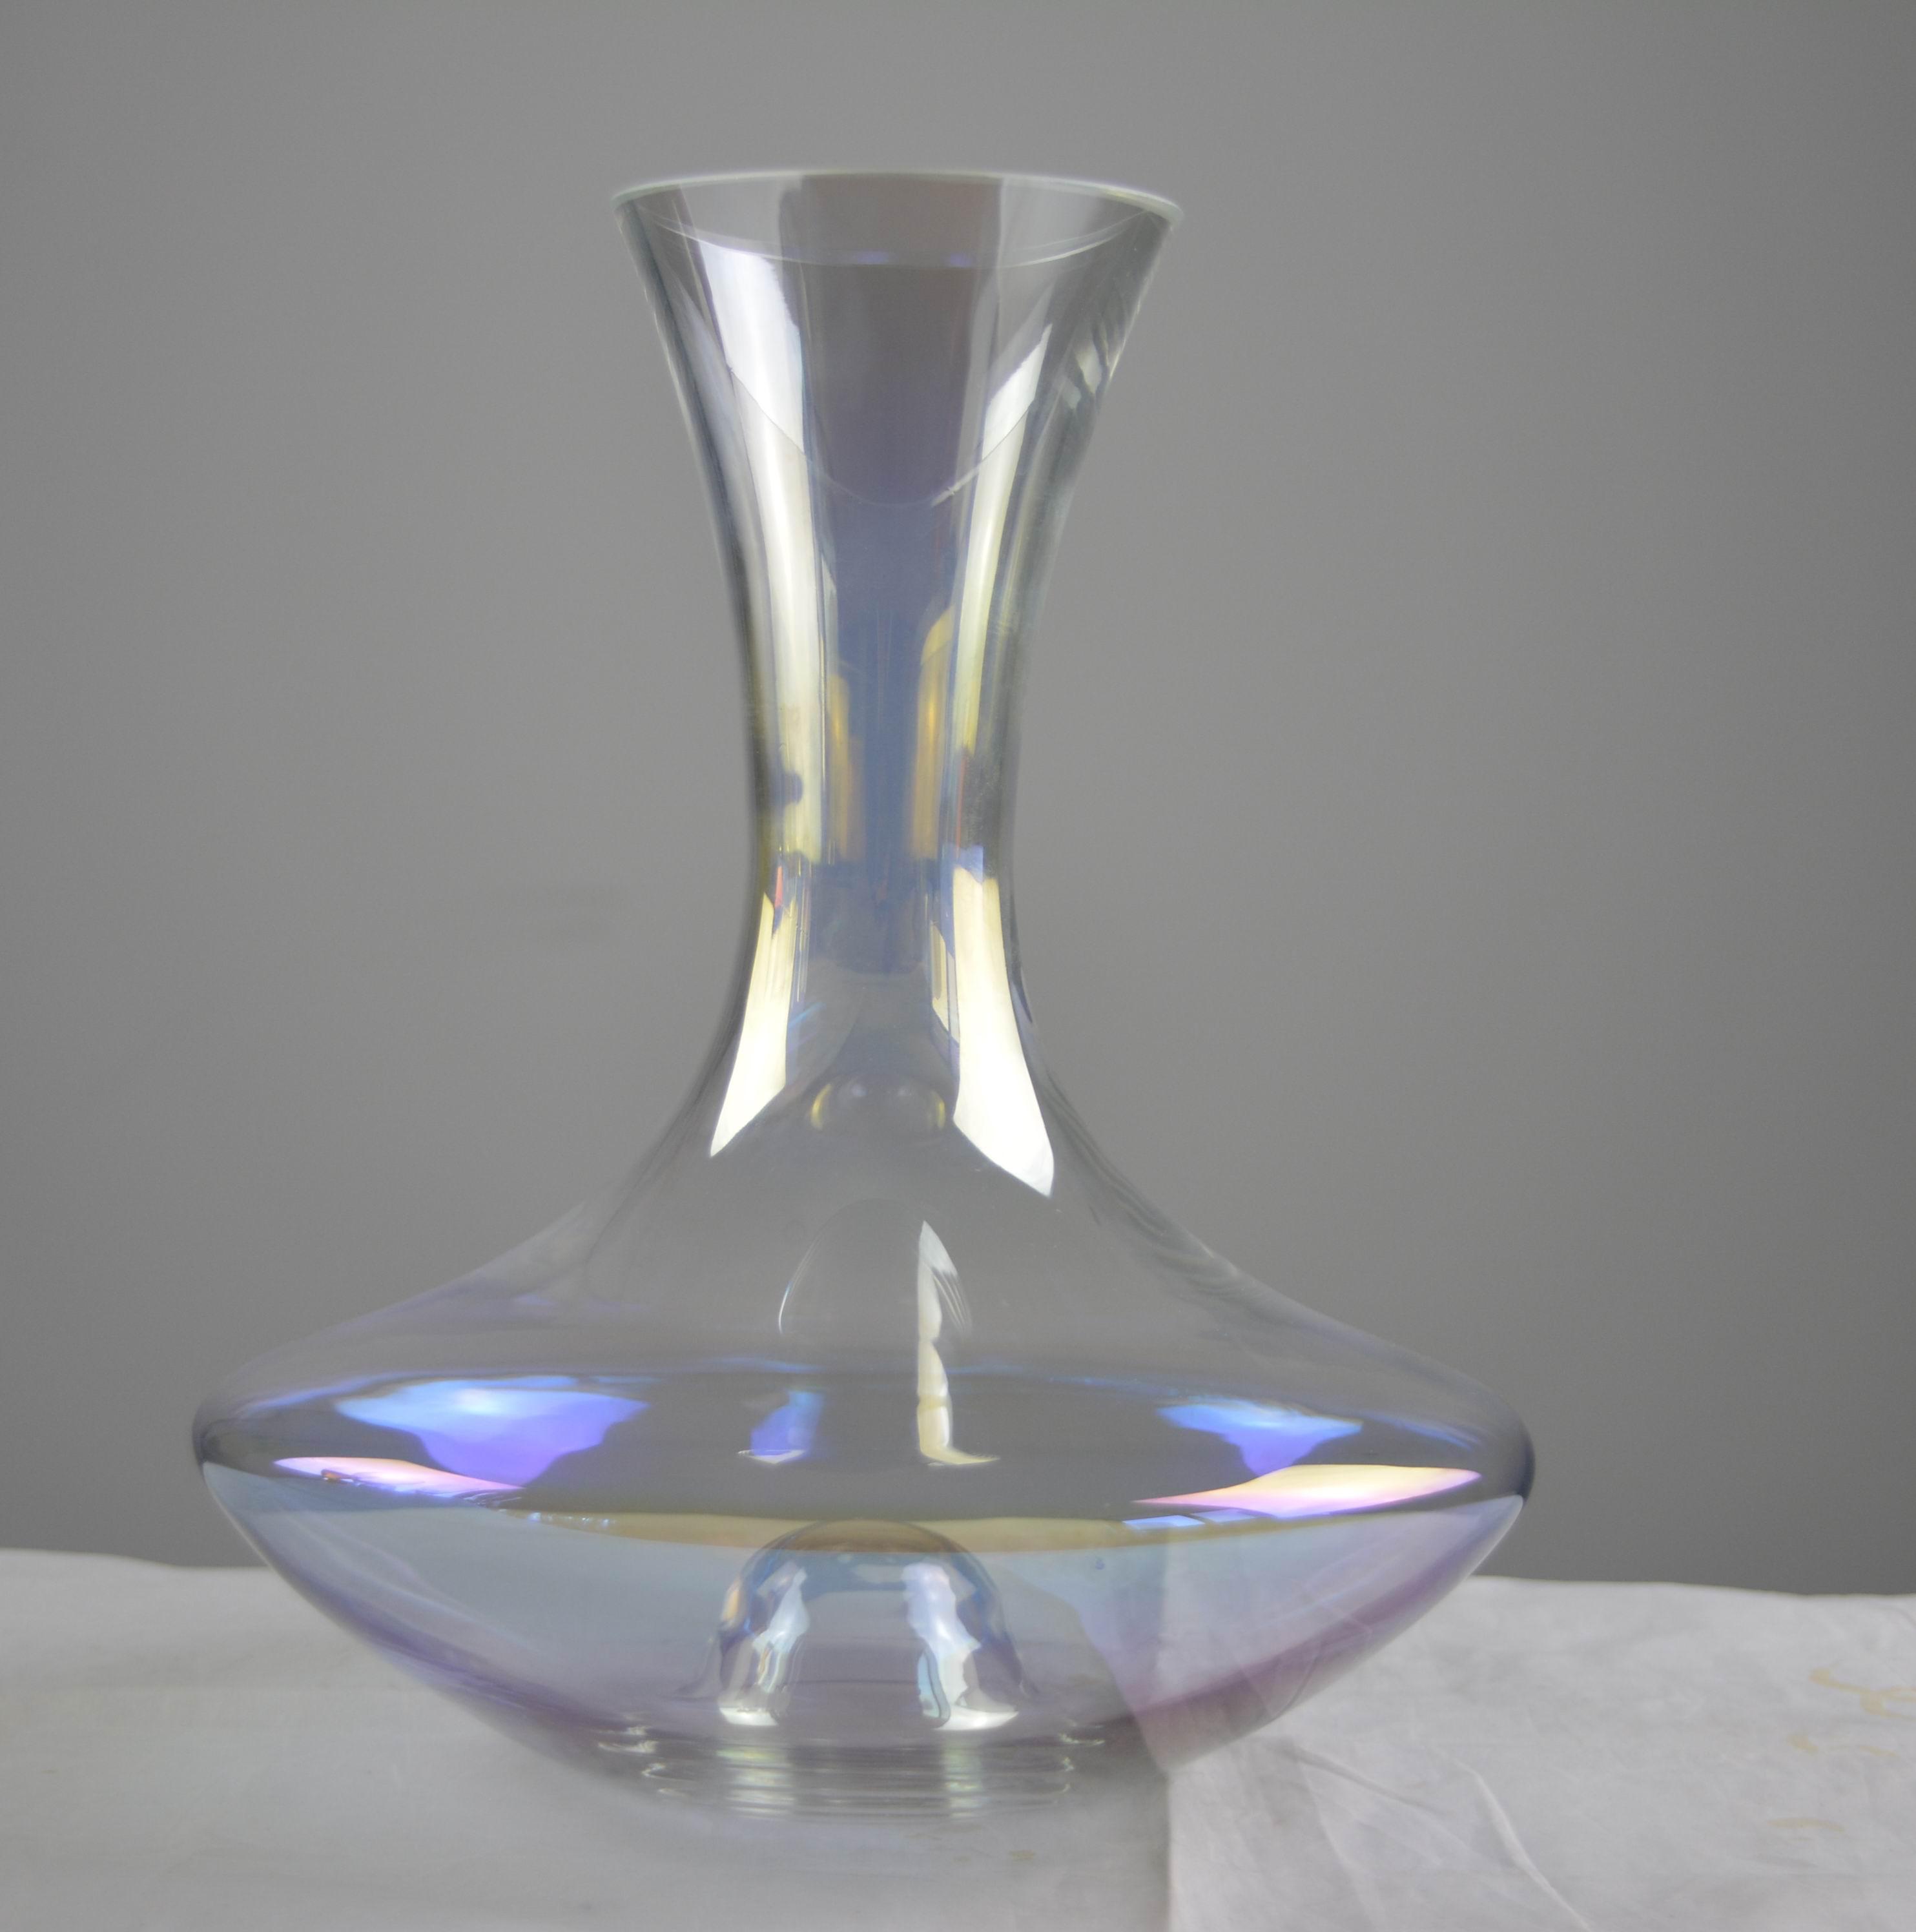 陕西大西家居生产什么_玻璃酒杯家用玻璃制品商城-西安大西家居用品有限a片在线观看